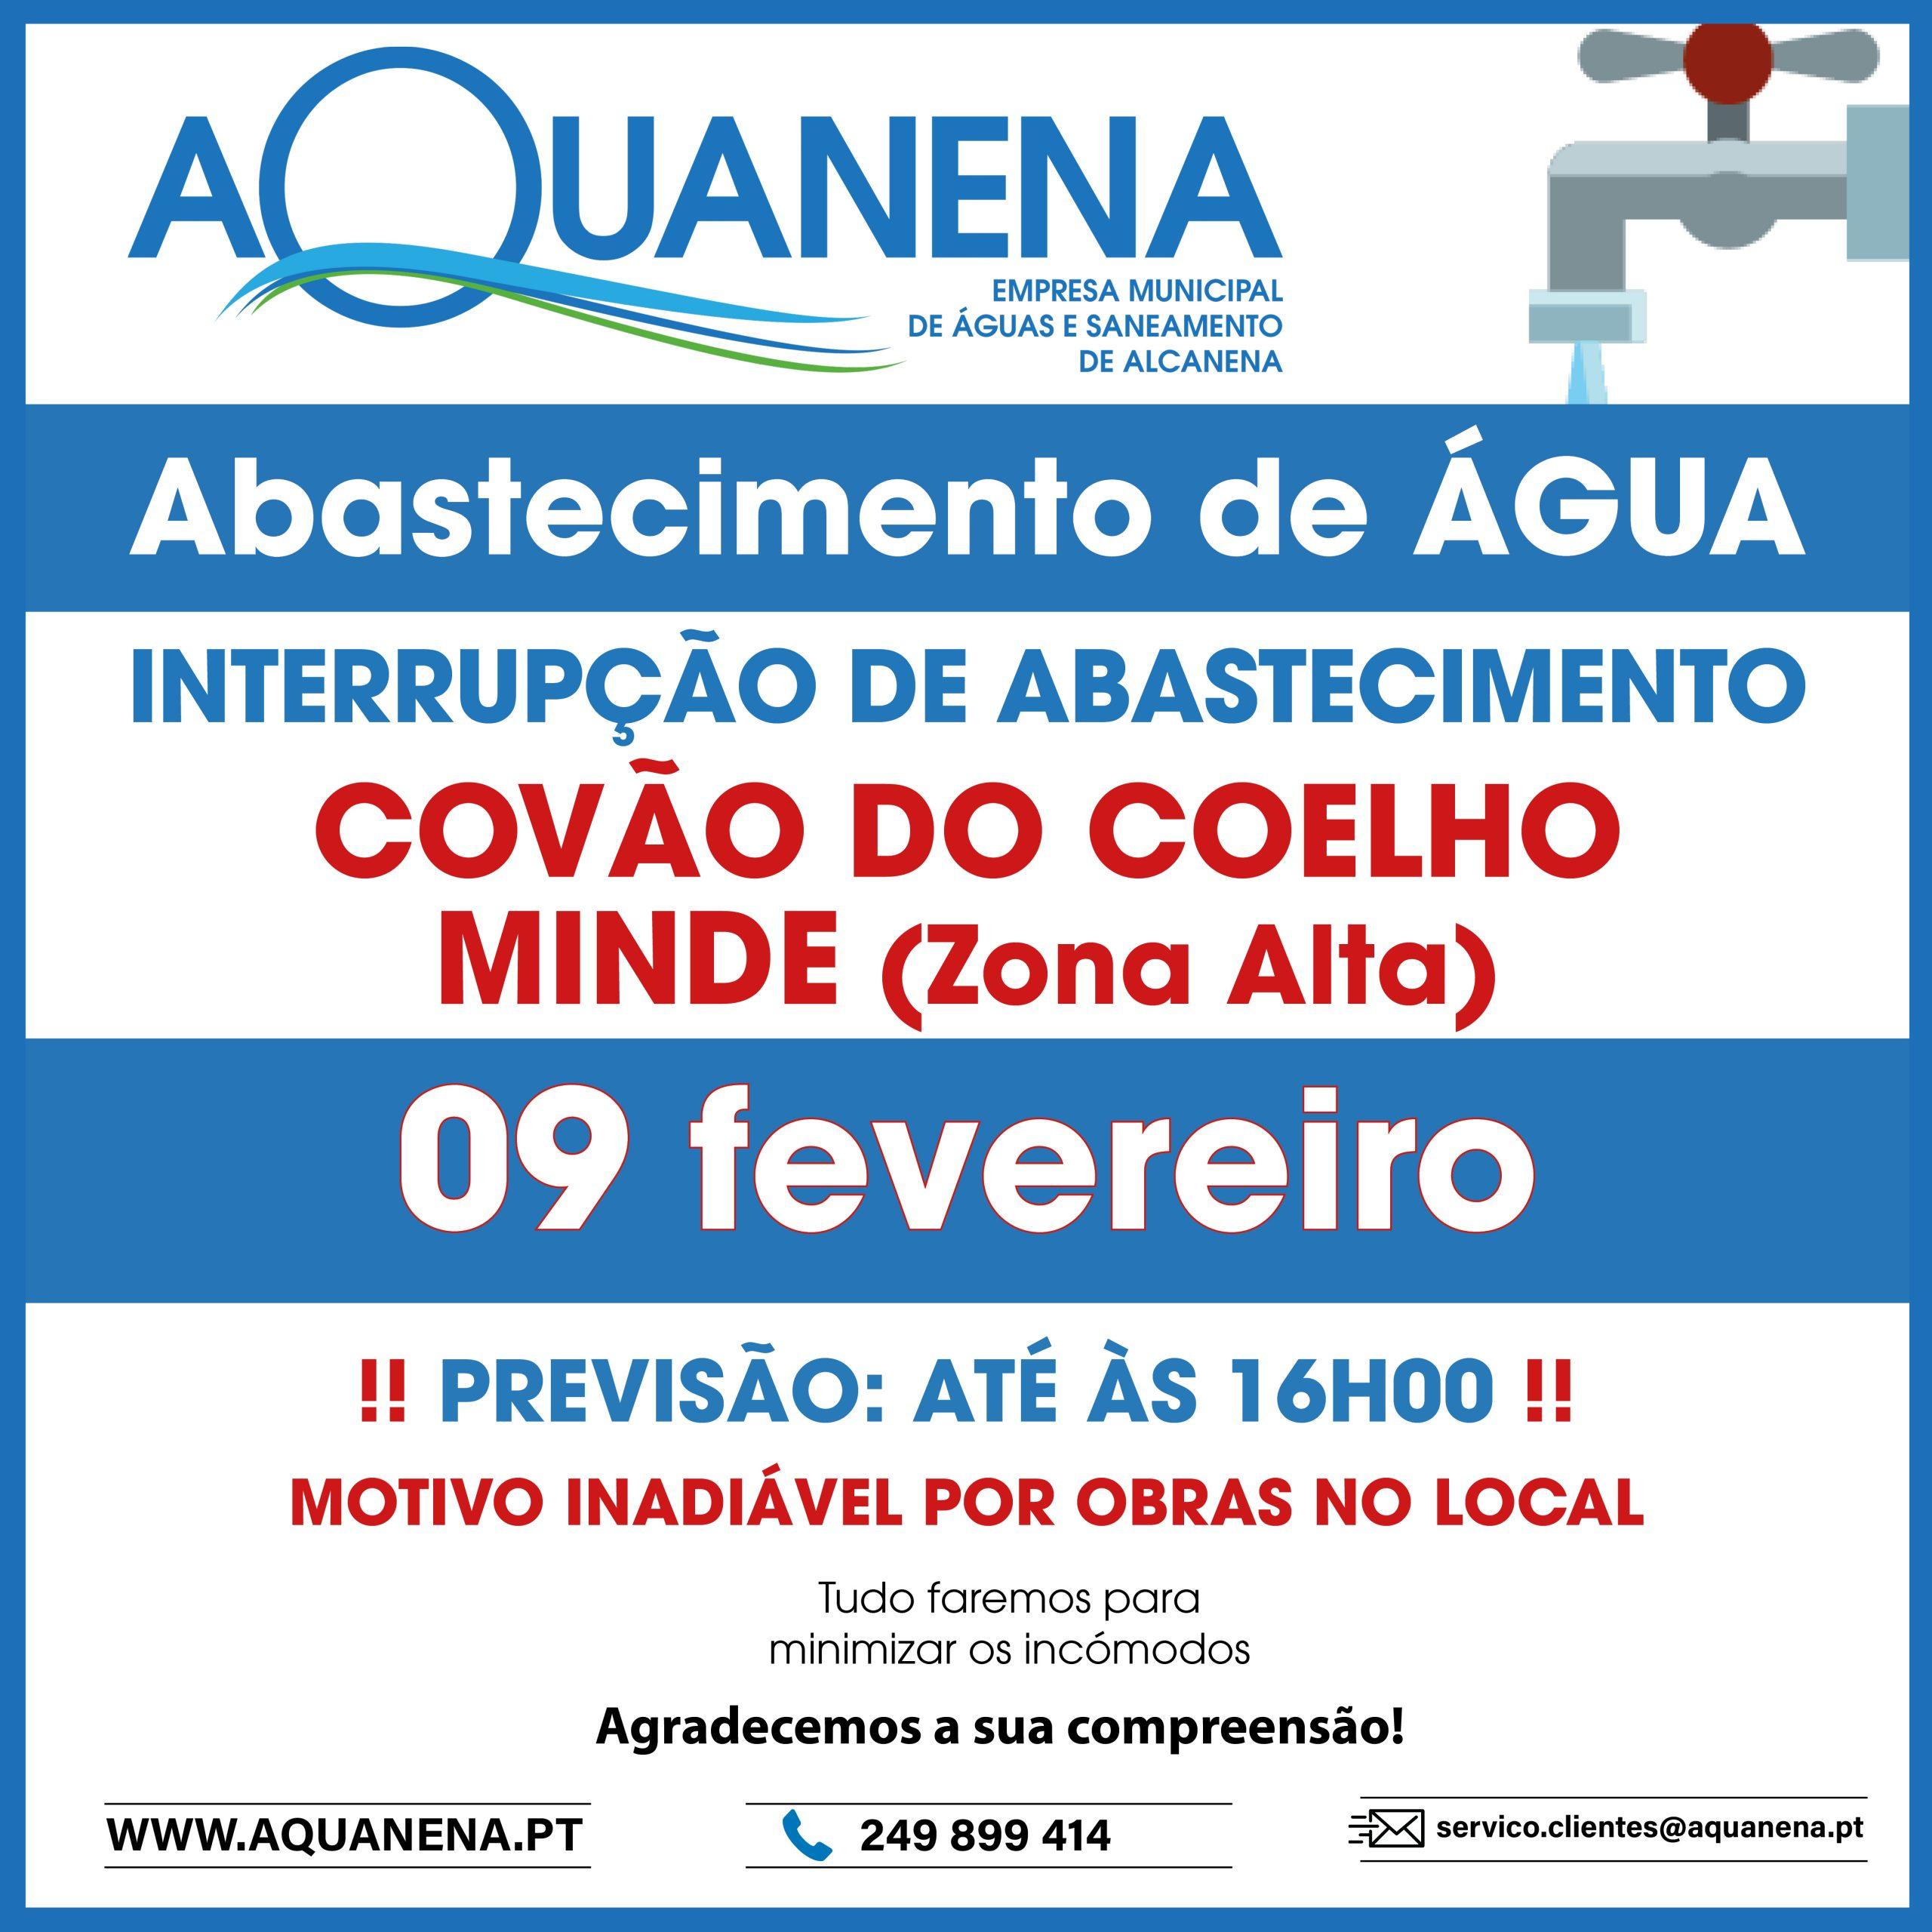 INTERRUPÇÃO de abastecimento de água em COVÃO DO COELHO e Minde (Zona Alta)